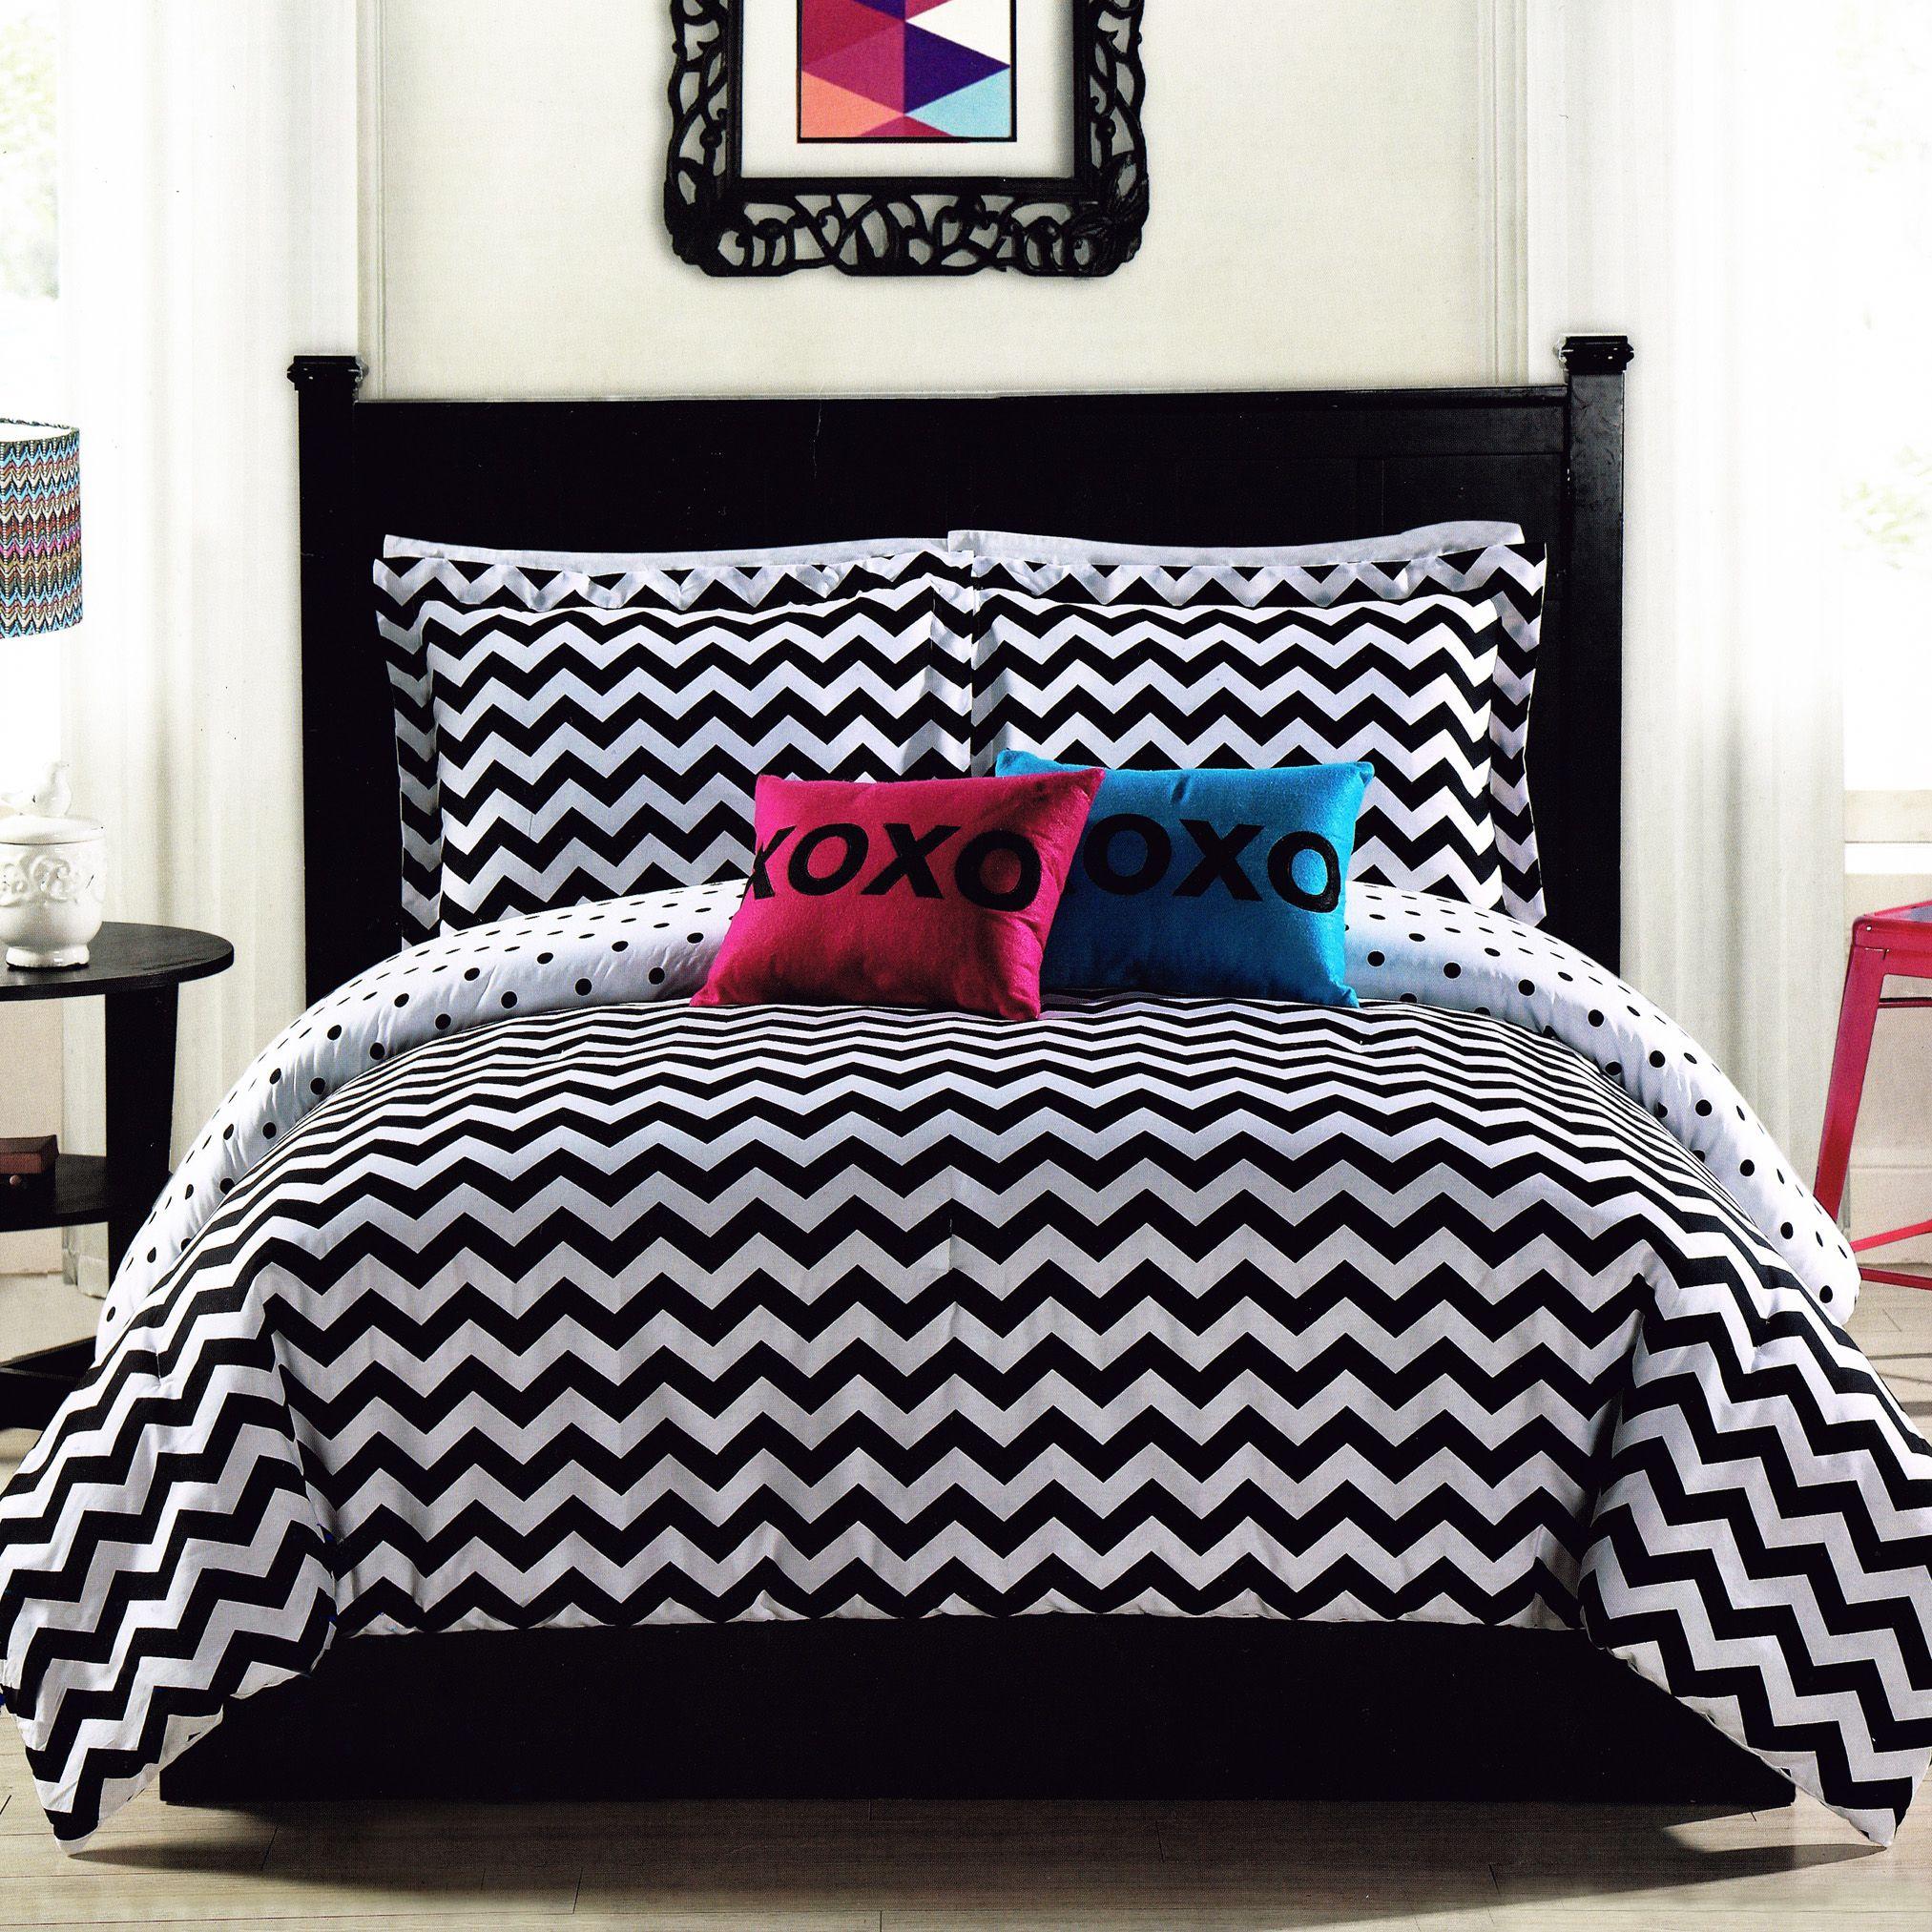 Black Bedroom Sets Queen Bed For Bedroom Bedroom Colour Ideas Dark Little Girl Bedroom Decor: Black White Chevron Comforter Set Twin Full/Queen Teen